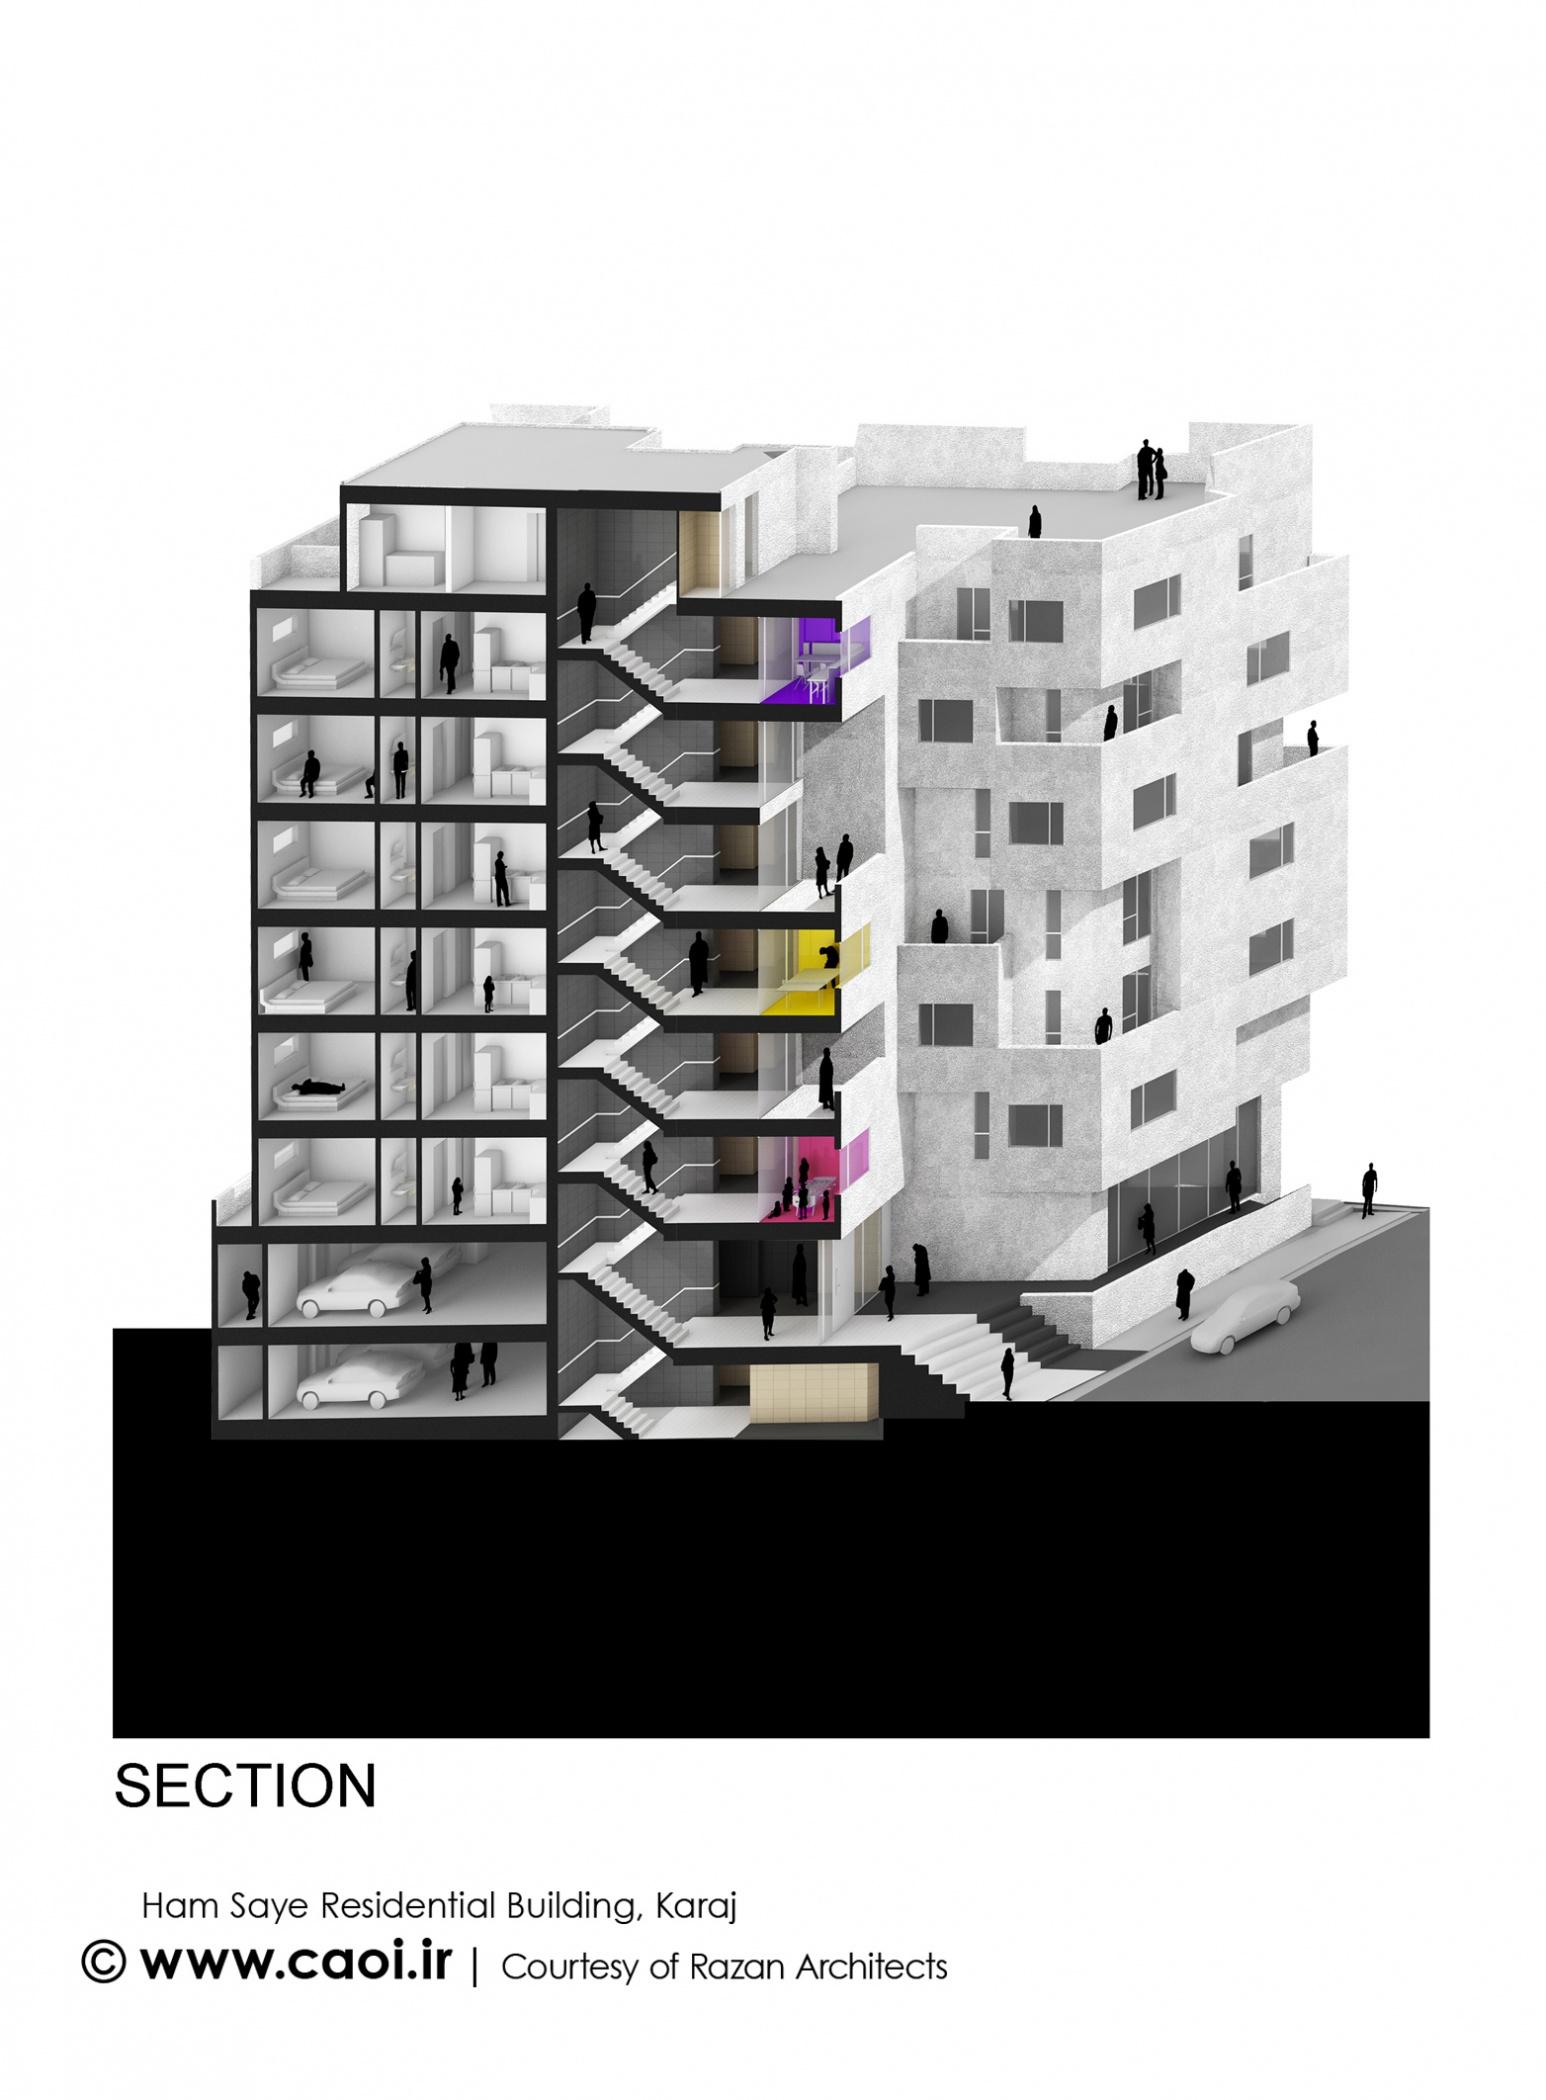 برش و مقطع مجتمع مسکونی,پلان مجتمع مسکونی,نقشه مجتمع مسکونی,نقشه ساختمان مسکونی